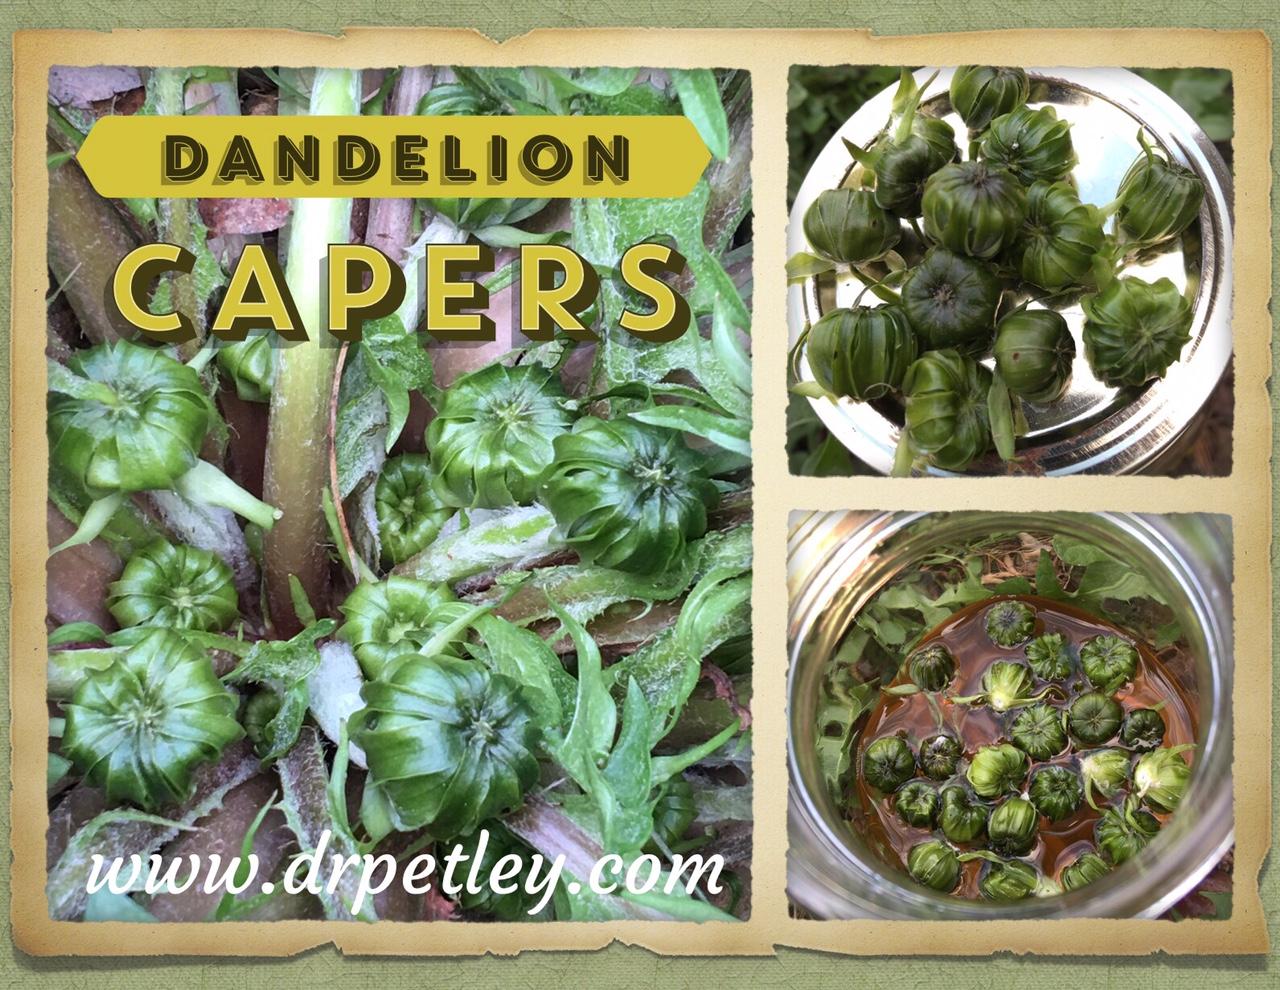 Dandelion Capers